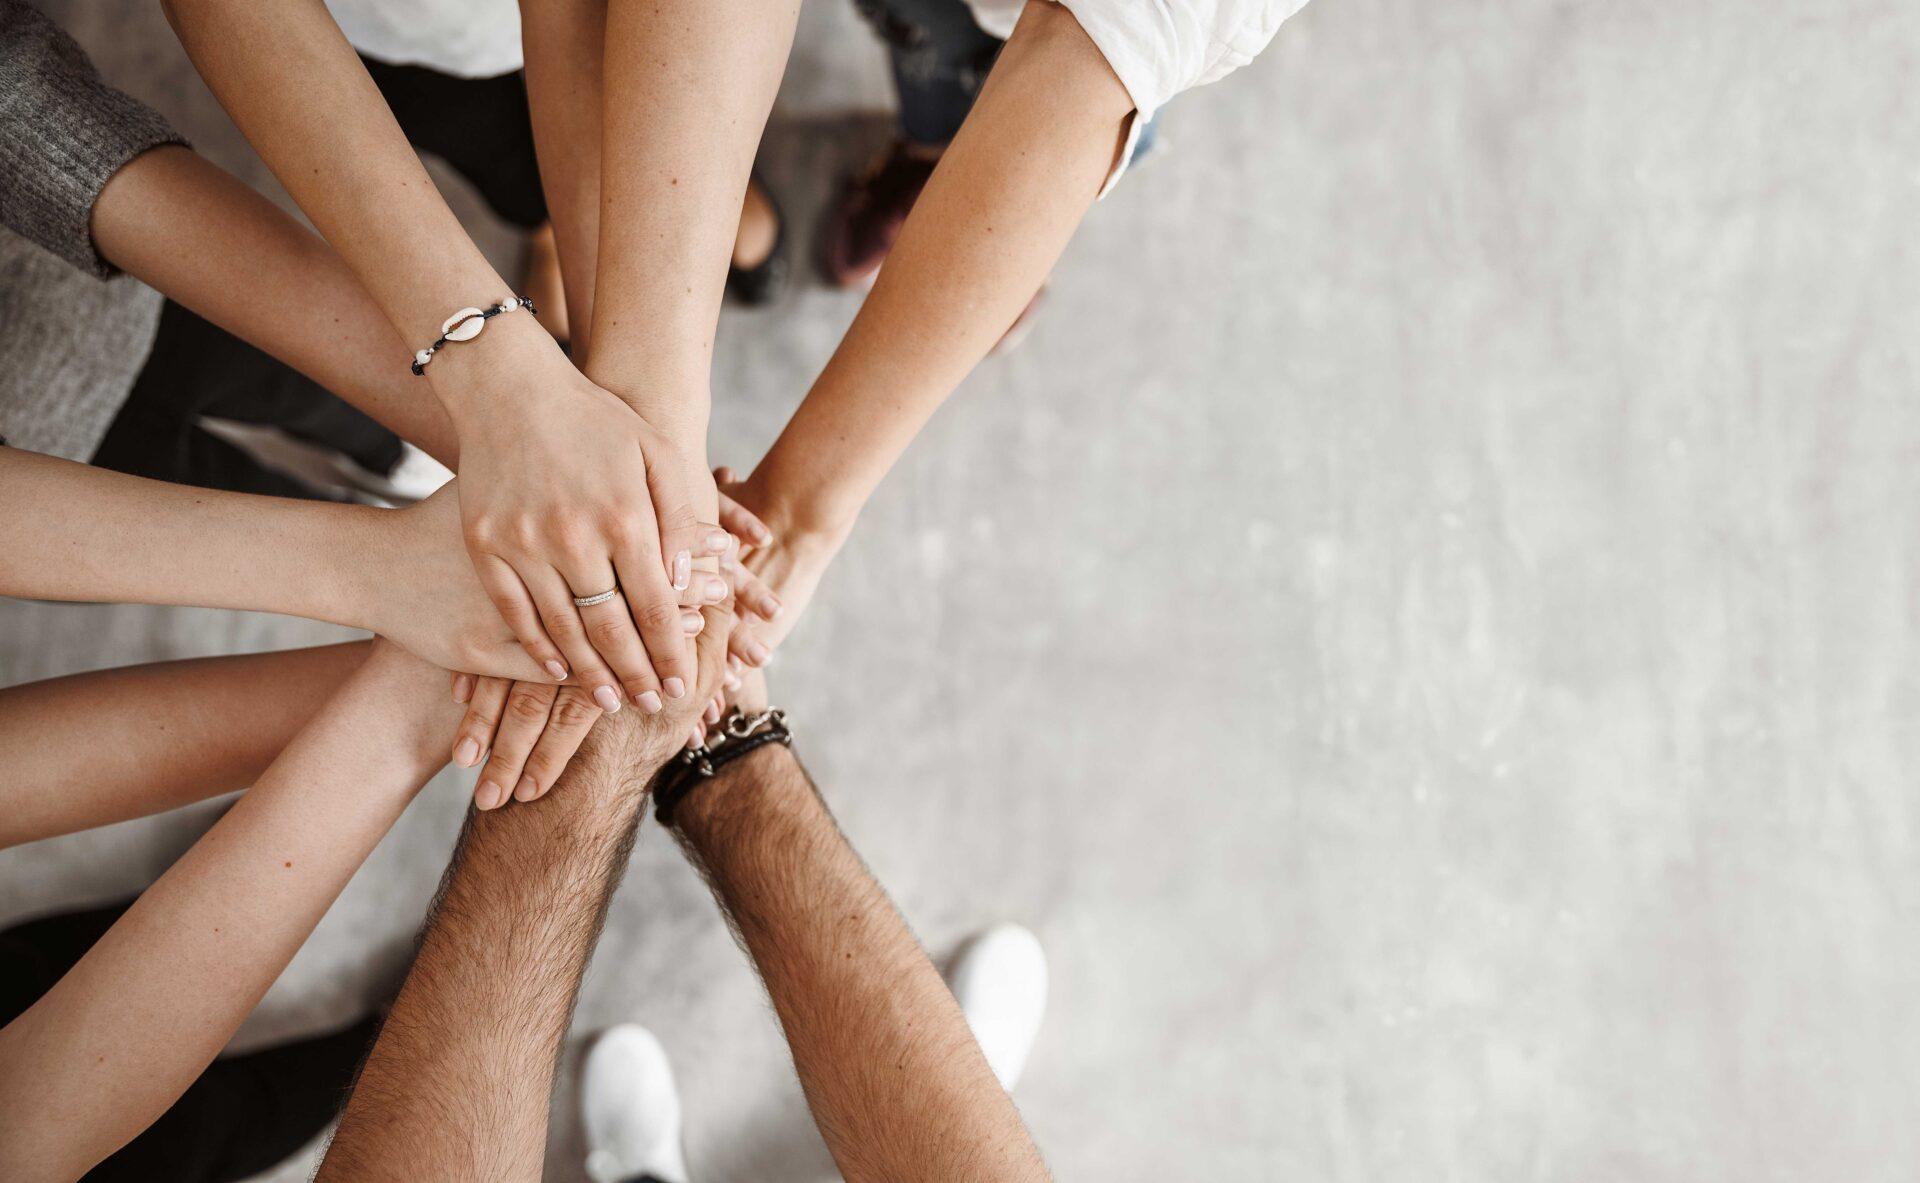 groupe de personnes en position de cris d'équipe avec les mains au centre